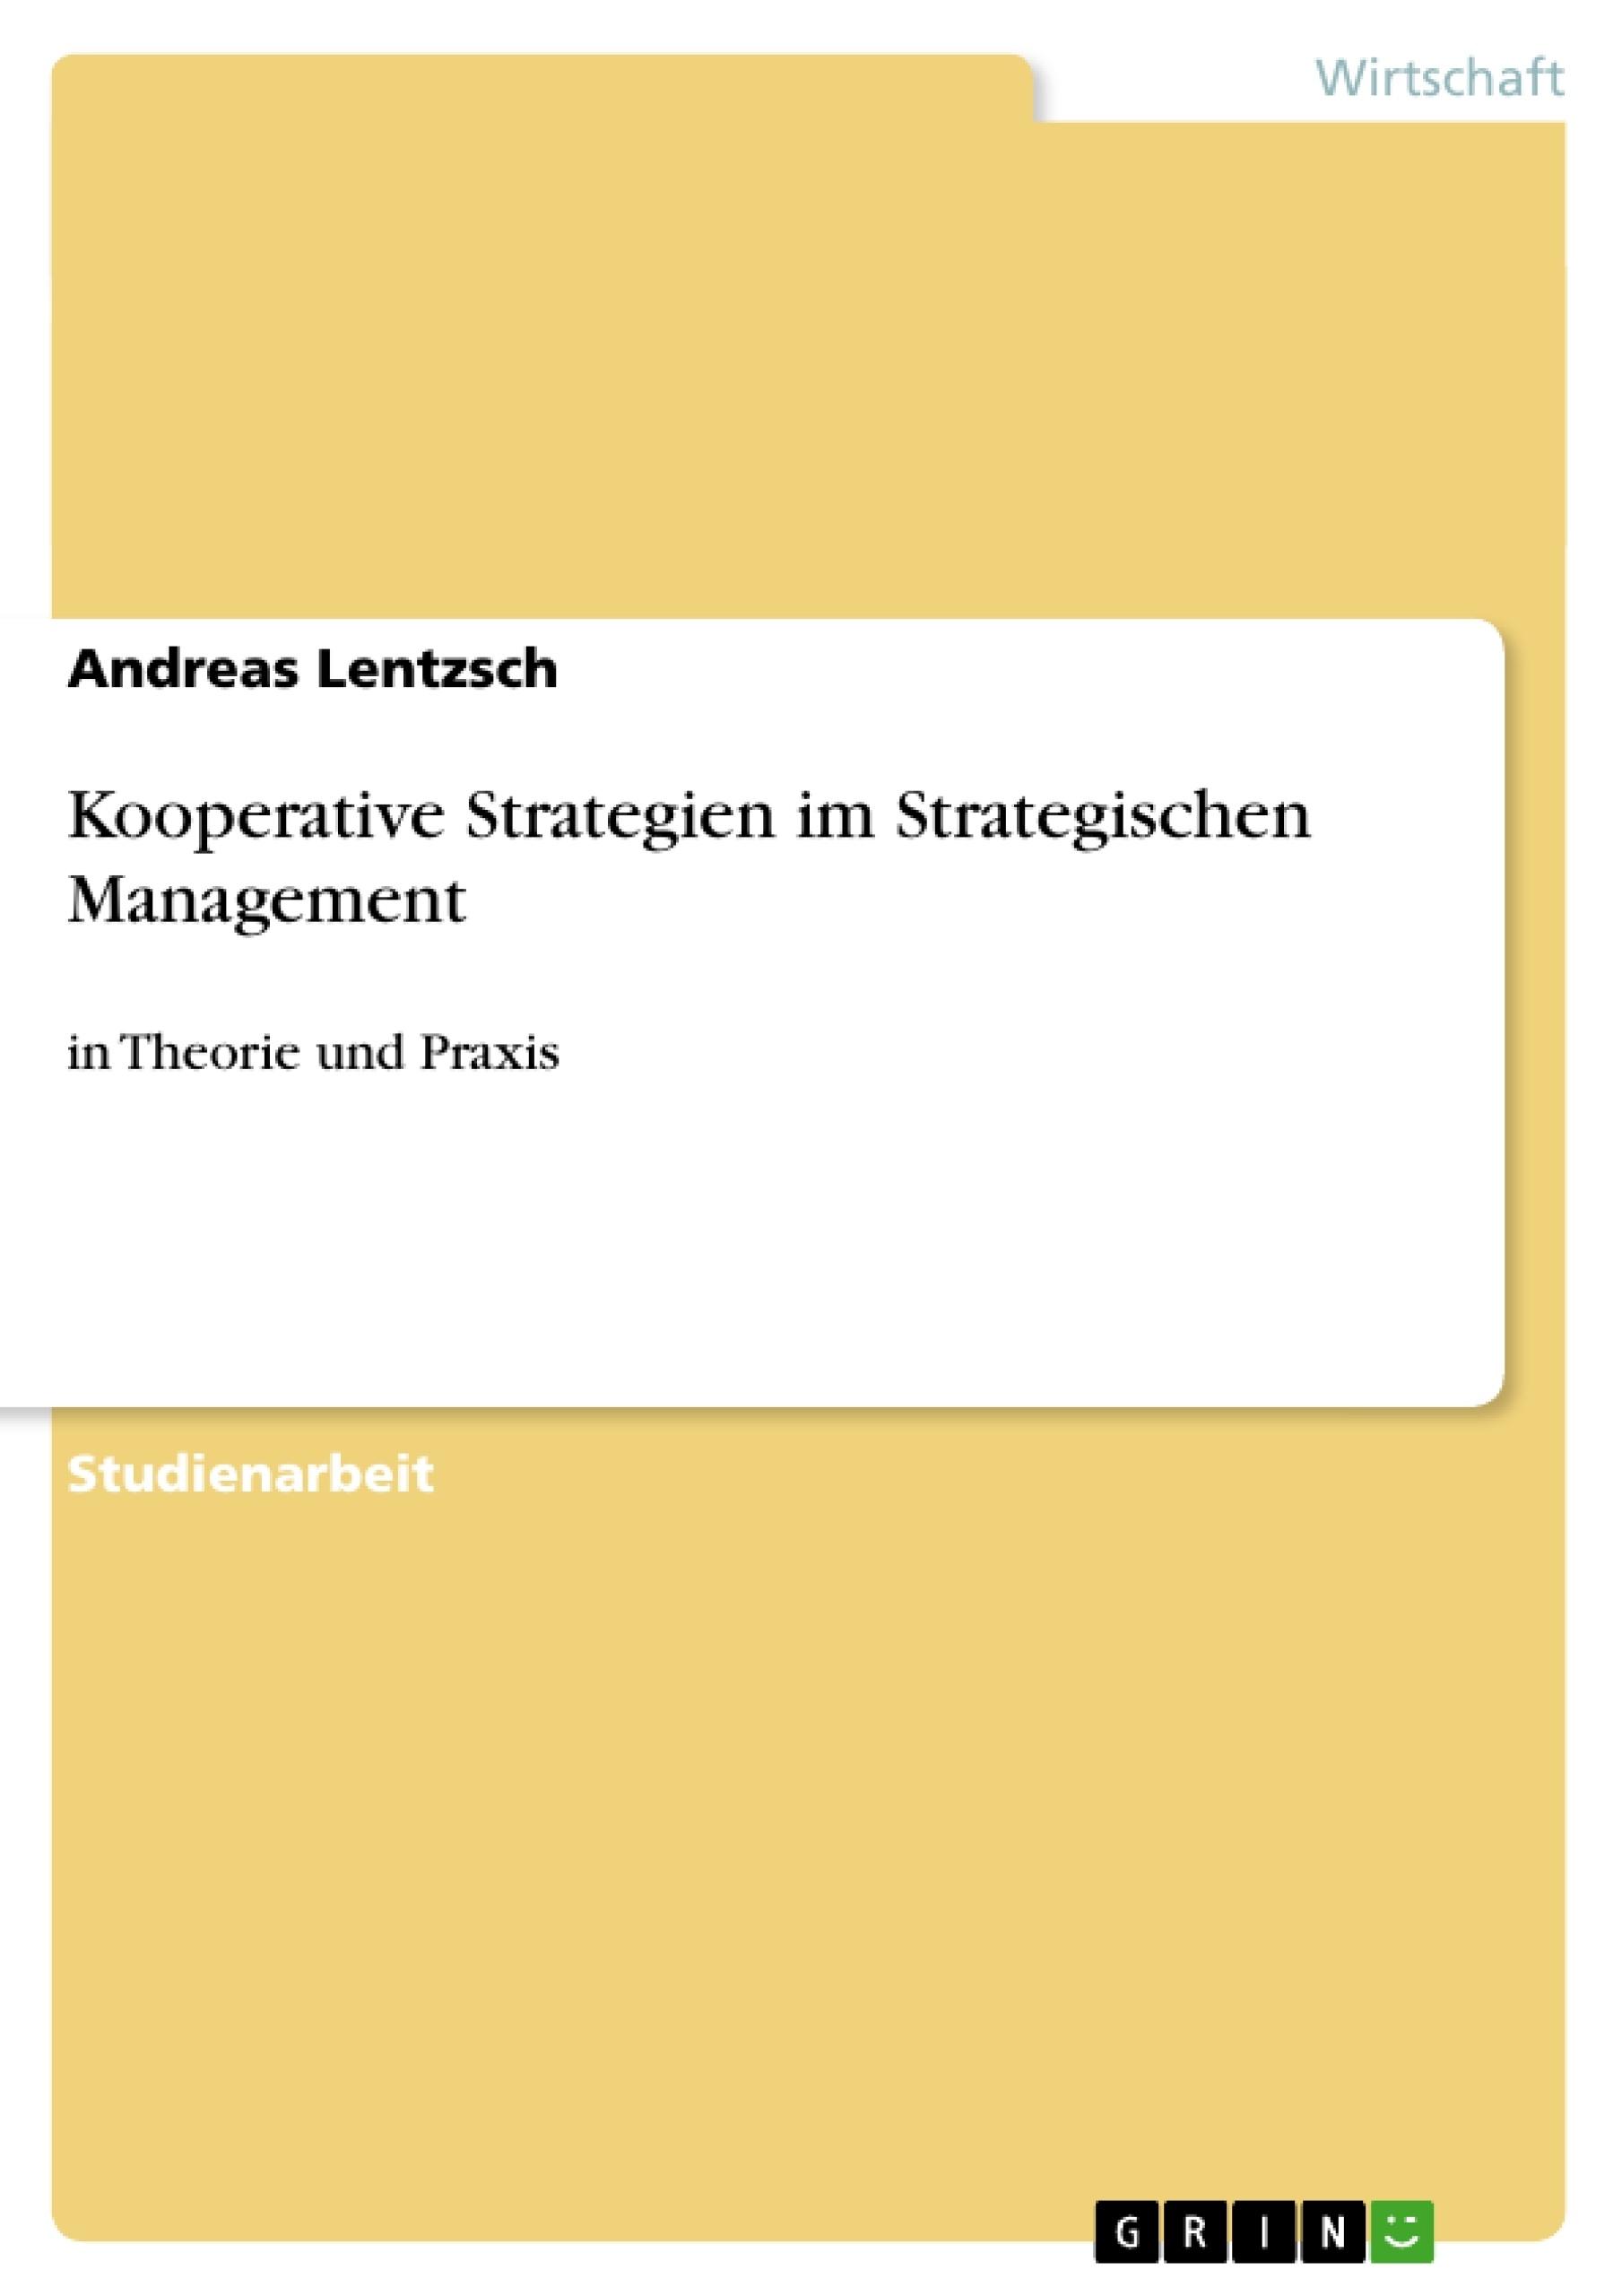 Titel: Kooperative Strategien im Strategischen Management